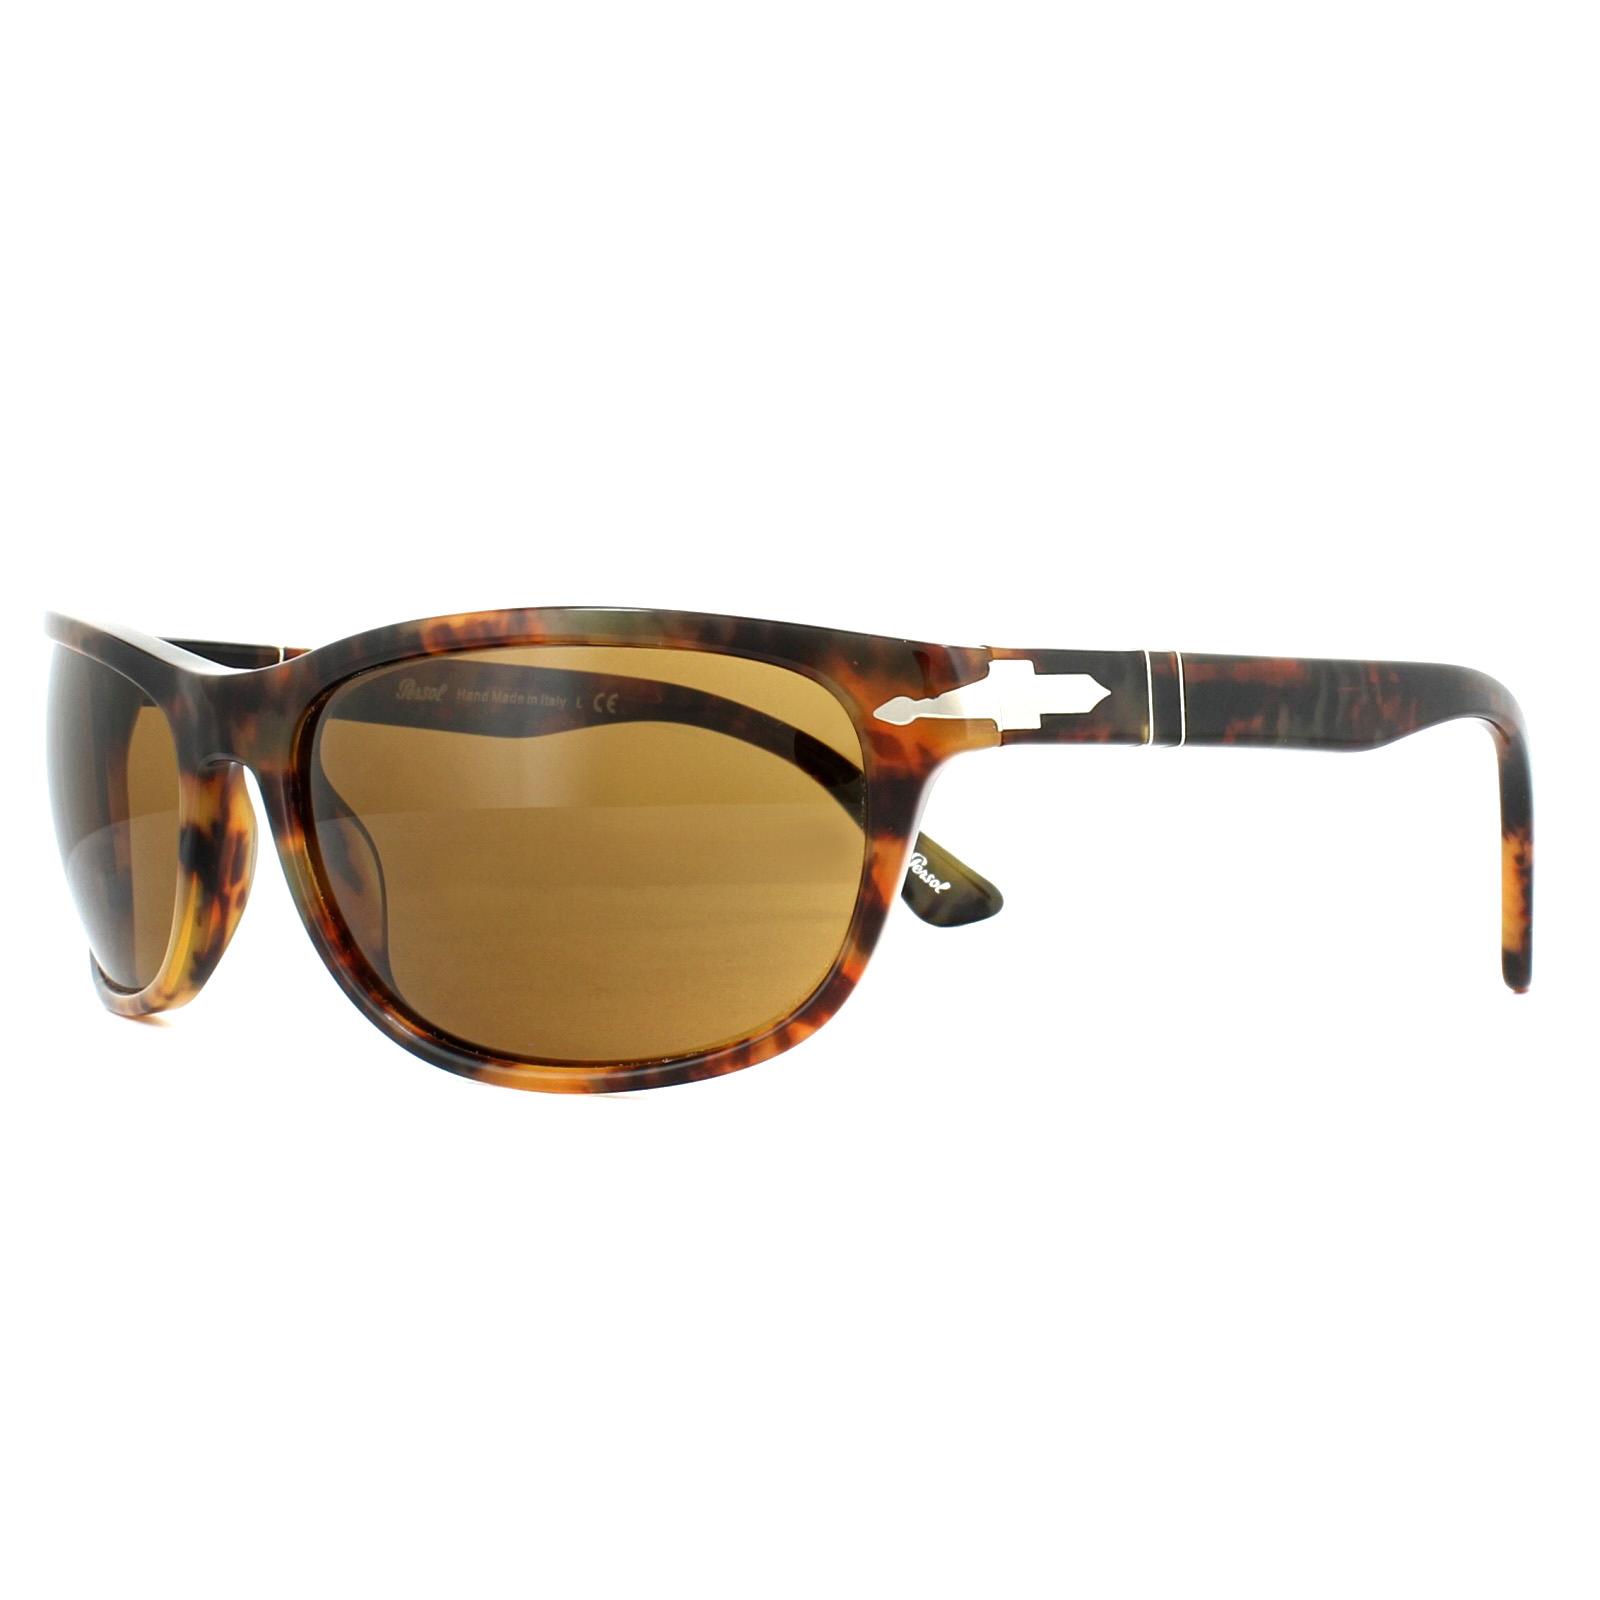 df8579e32e Sentinel Persol Sunglasses 3156S 108 33 Caffe Brown Brown